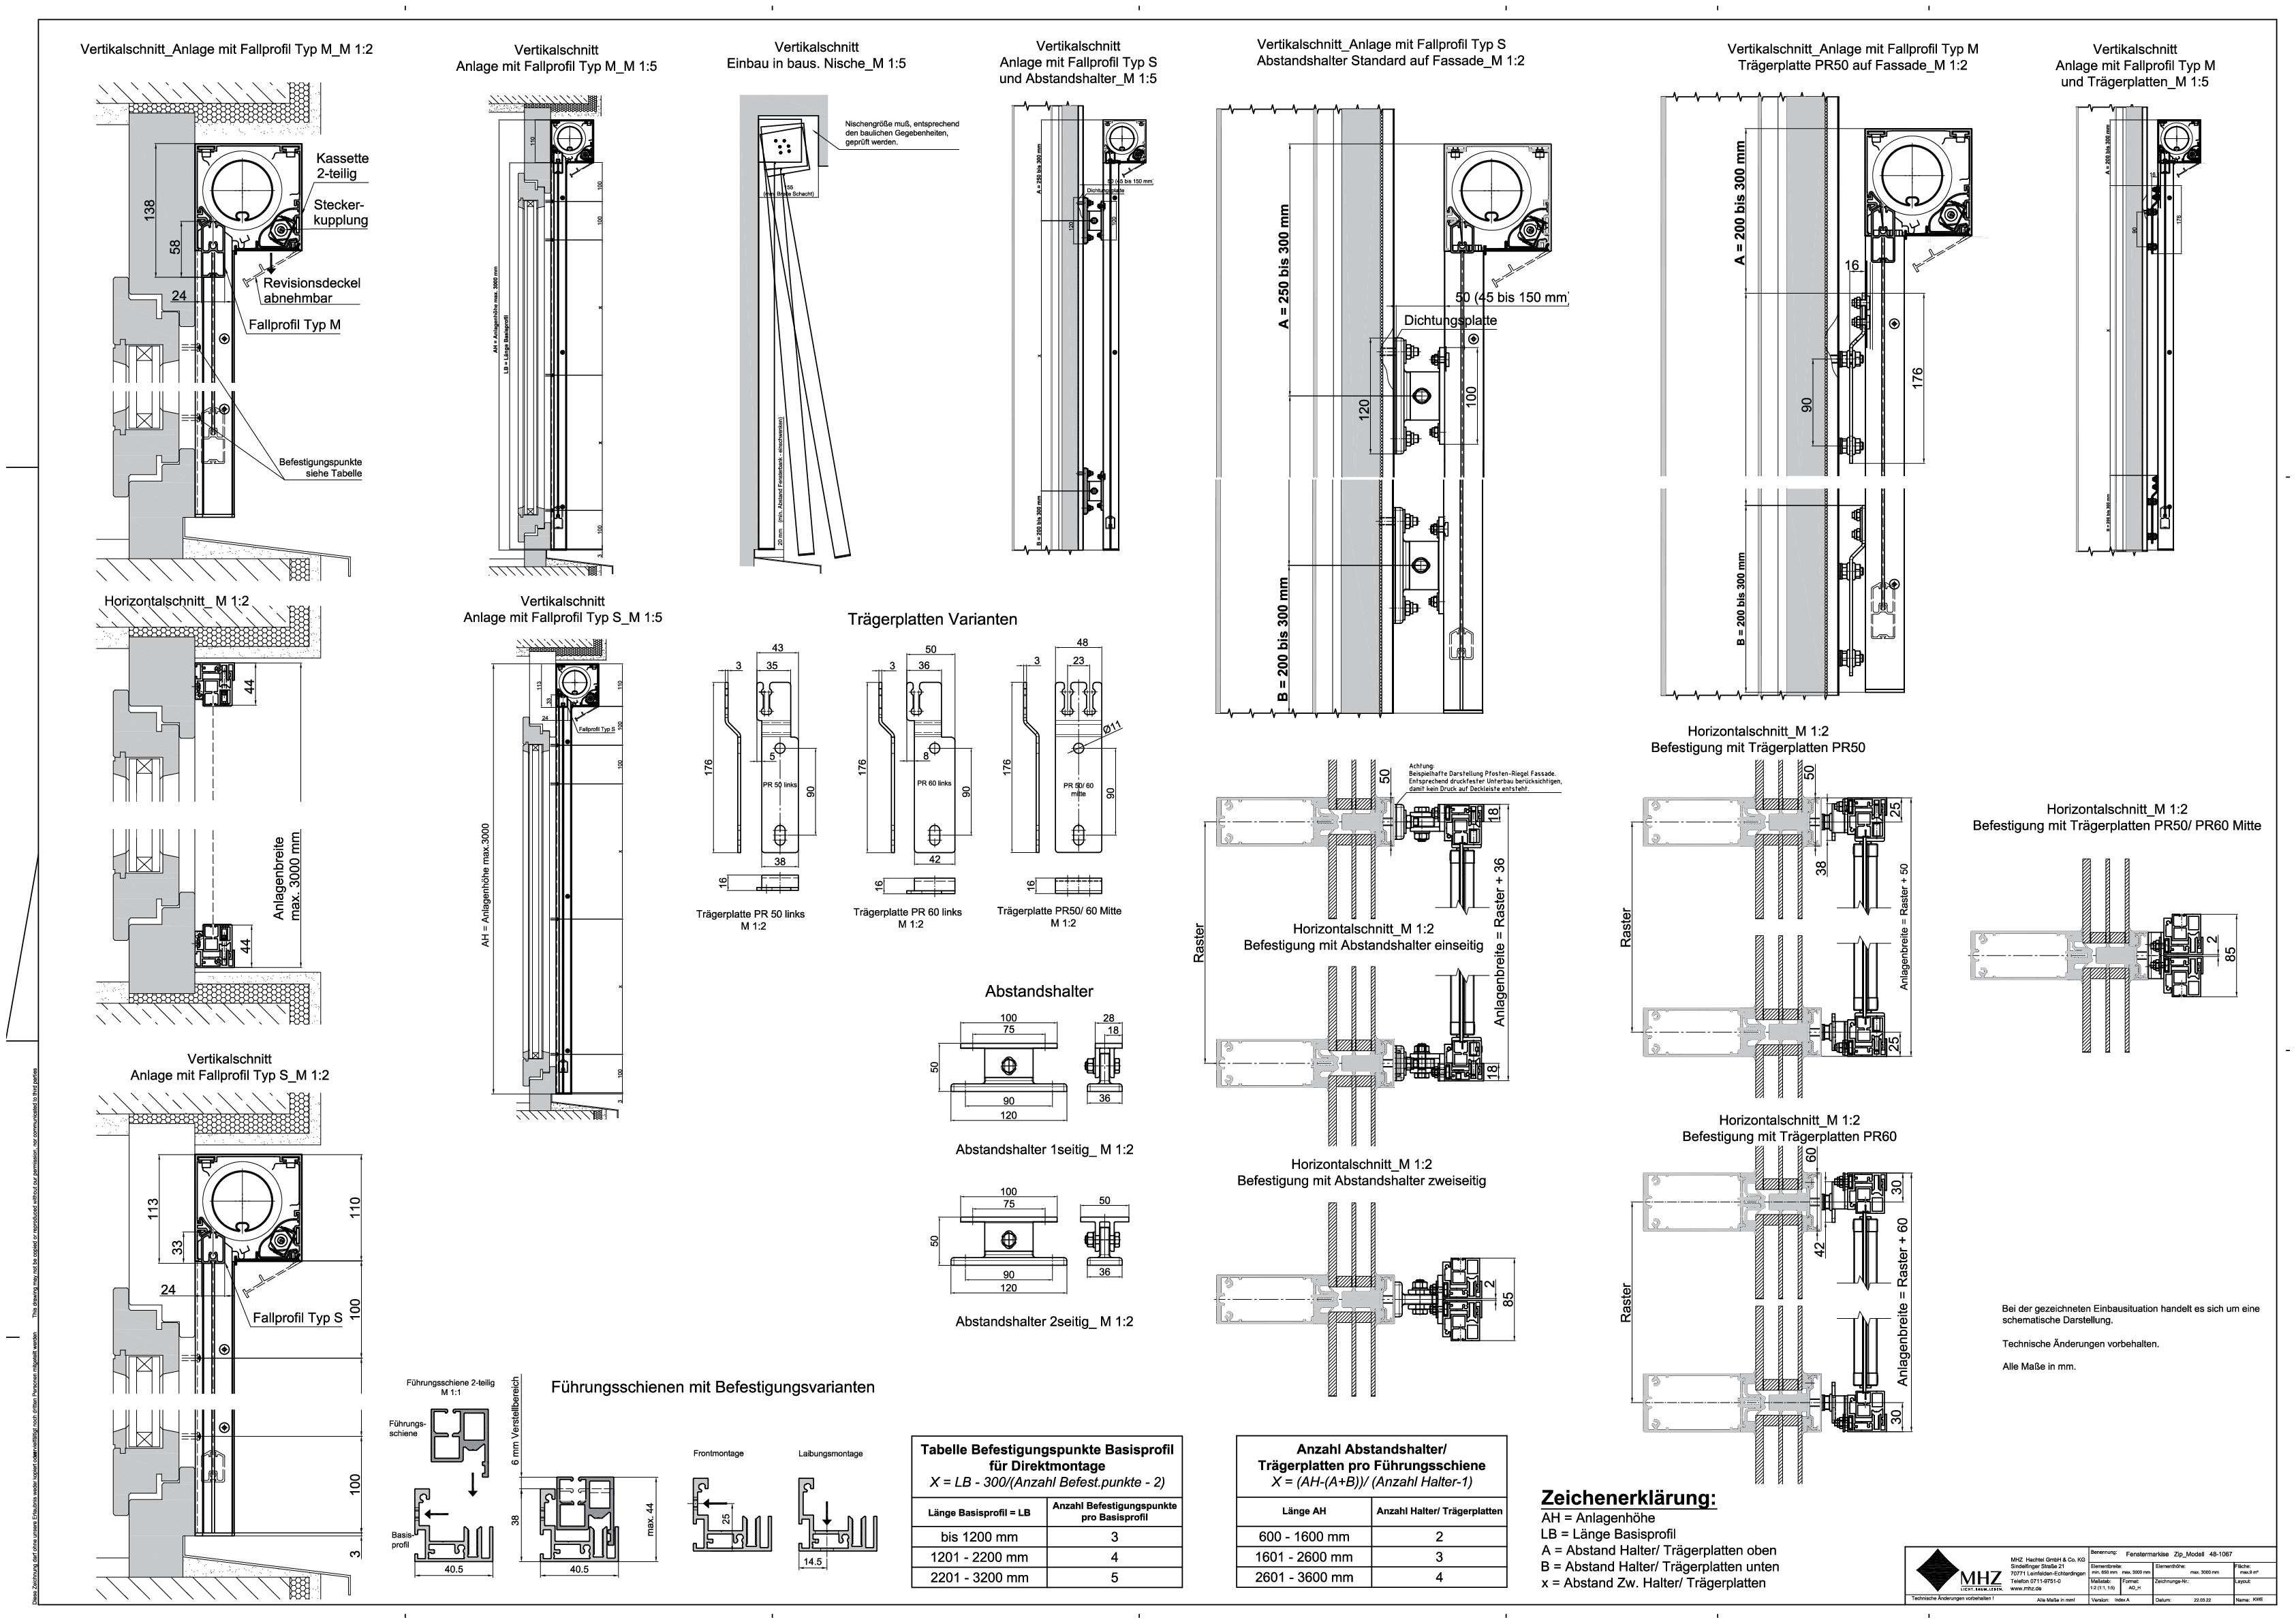 Technische Zeichnung dwg Fenstermarkisen zip_2.0 48-1067